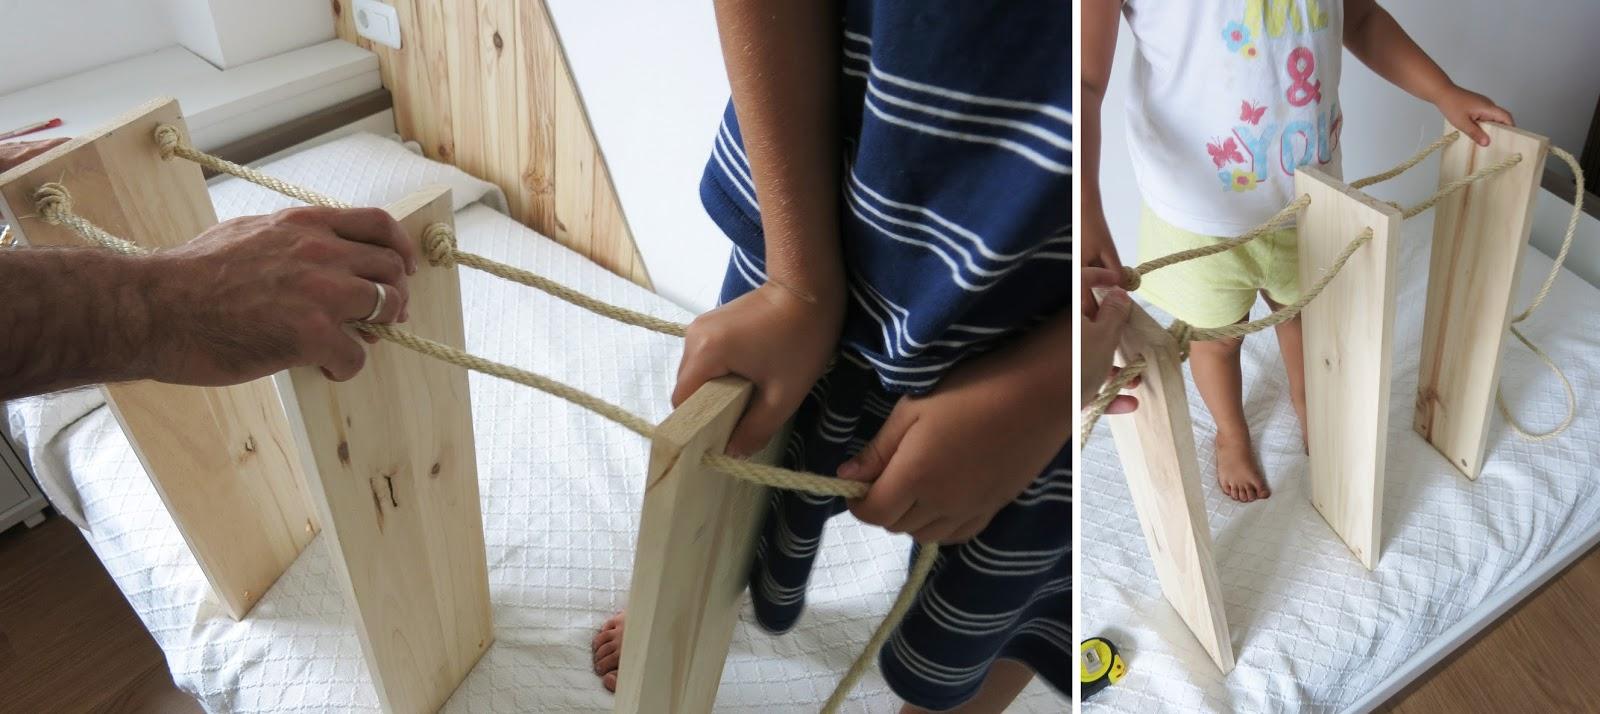 Decorar en familia_Diy baldas de cuerda y madera5